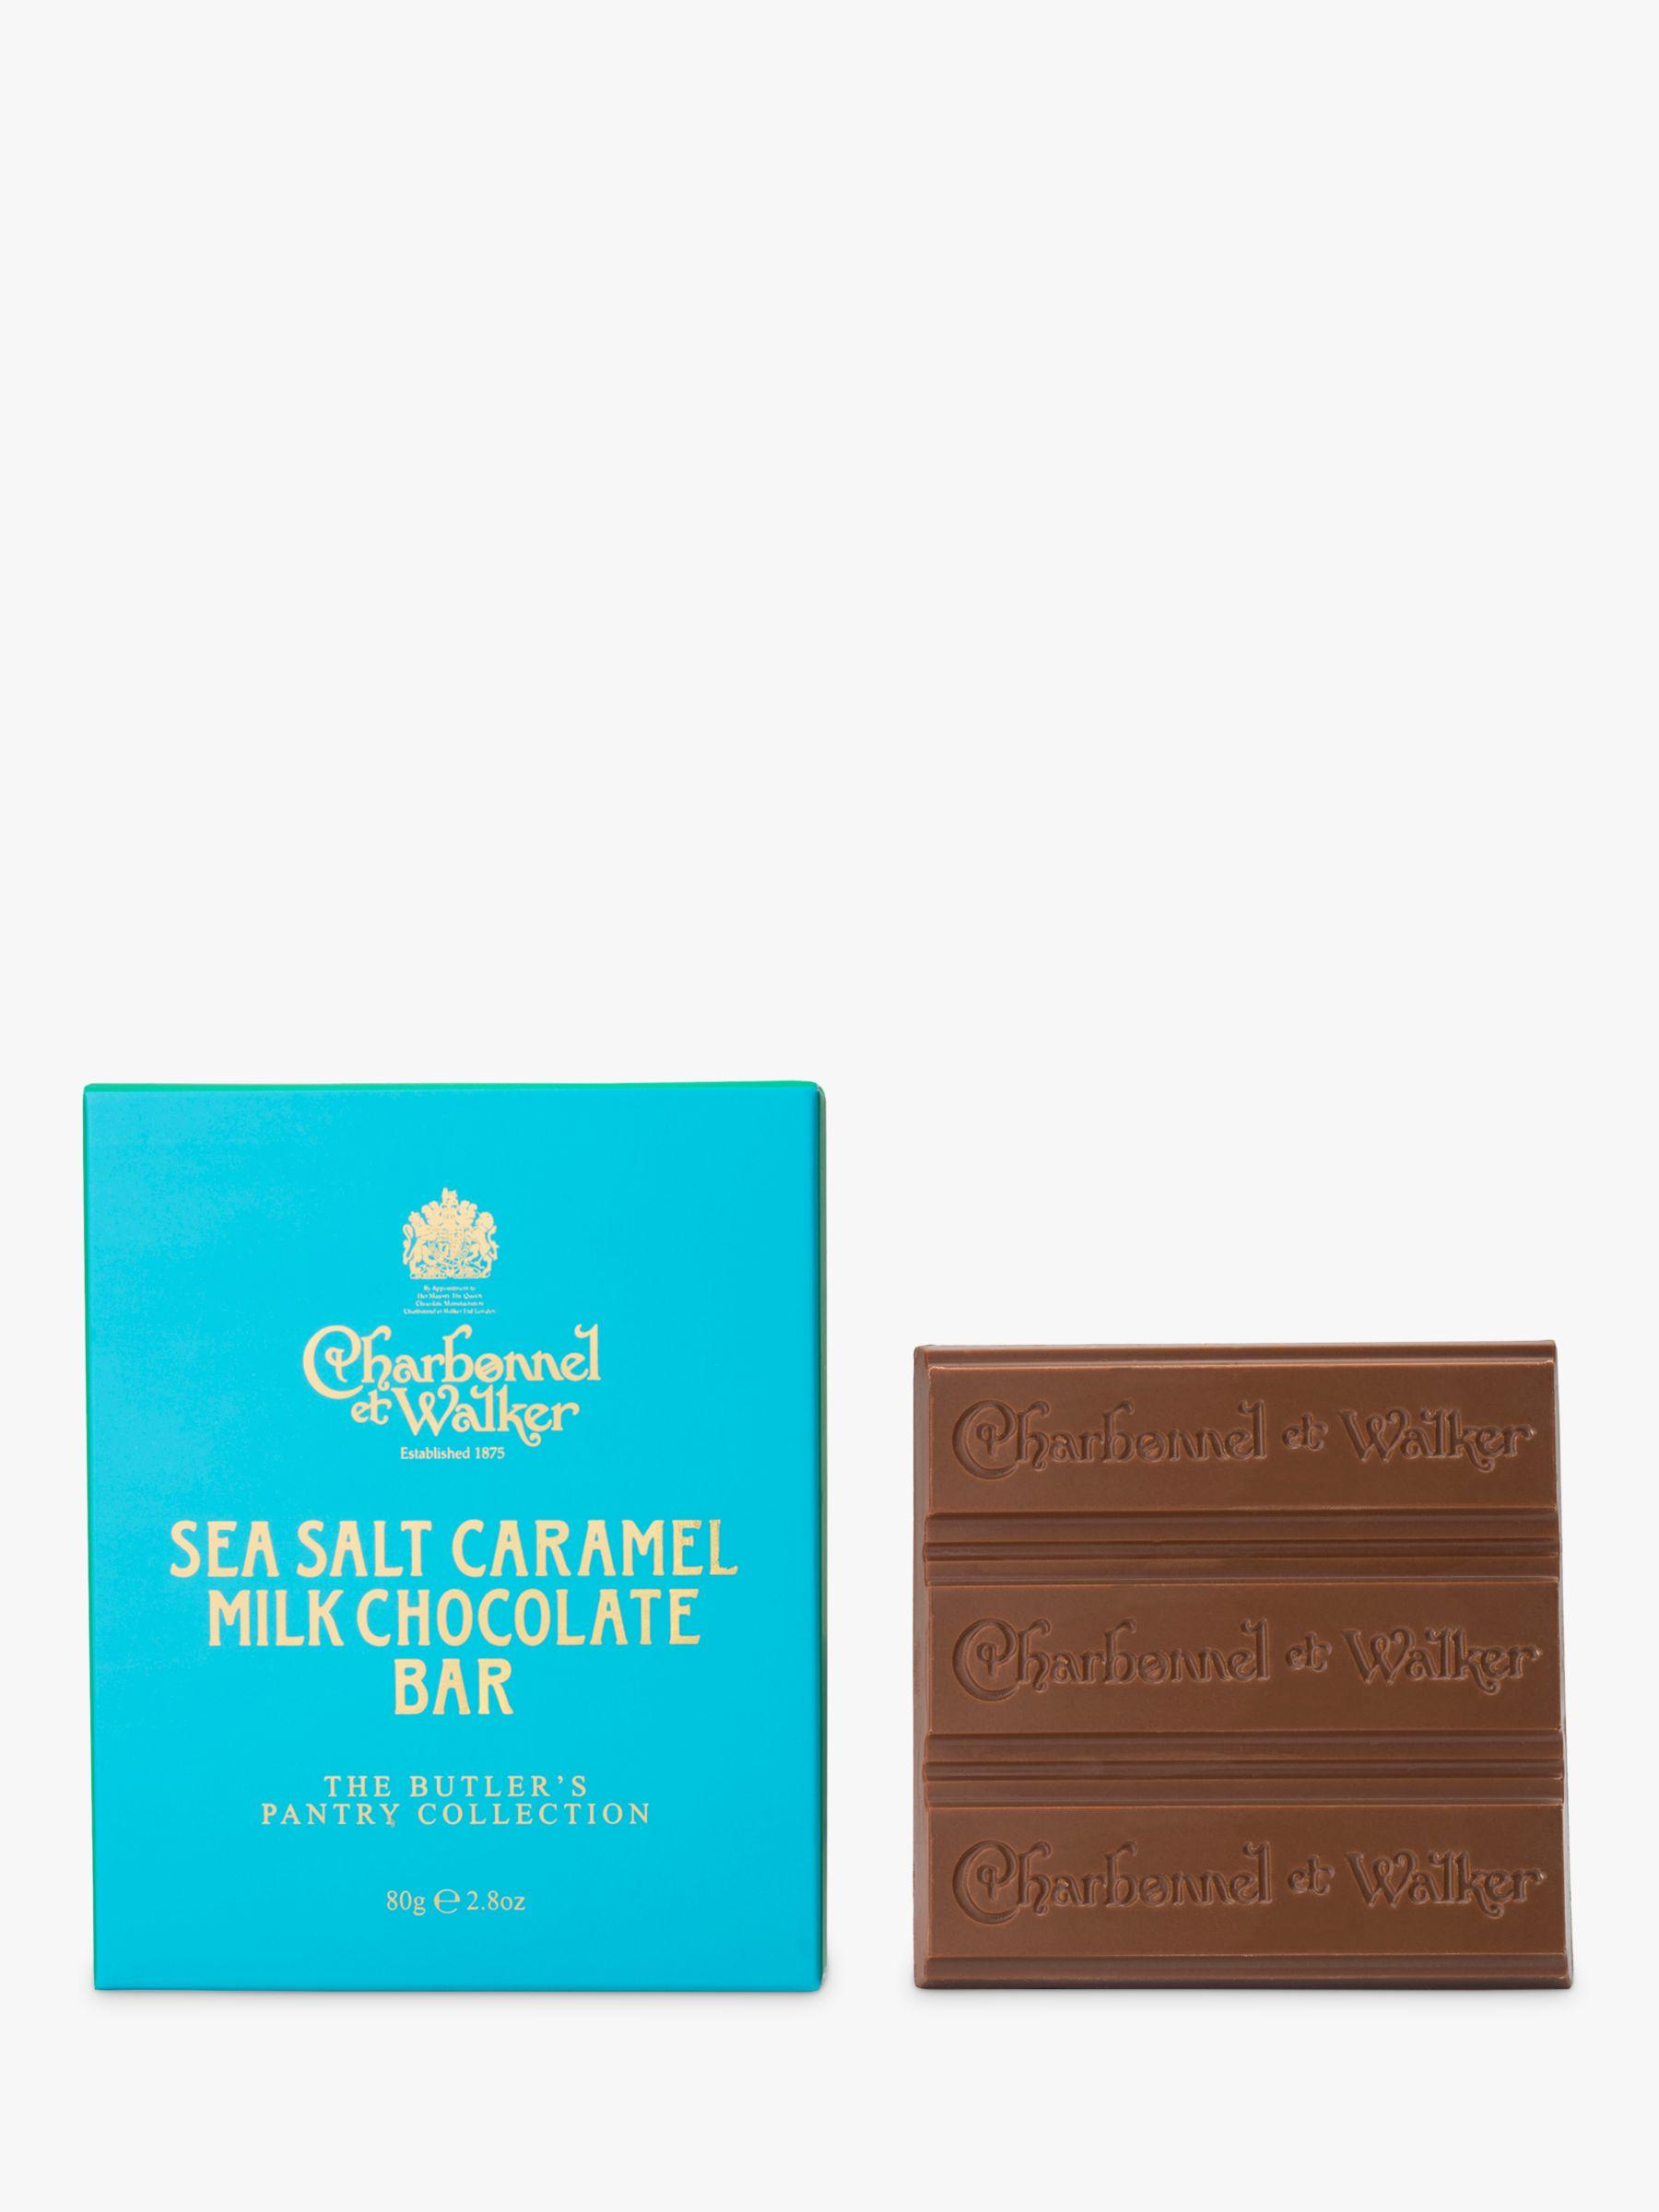 Charbonnel et Walker Charbonnel et Walker Butler's Pantry Collection Sea Salt Caramel Milk Chocolate Bar, 80g